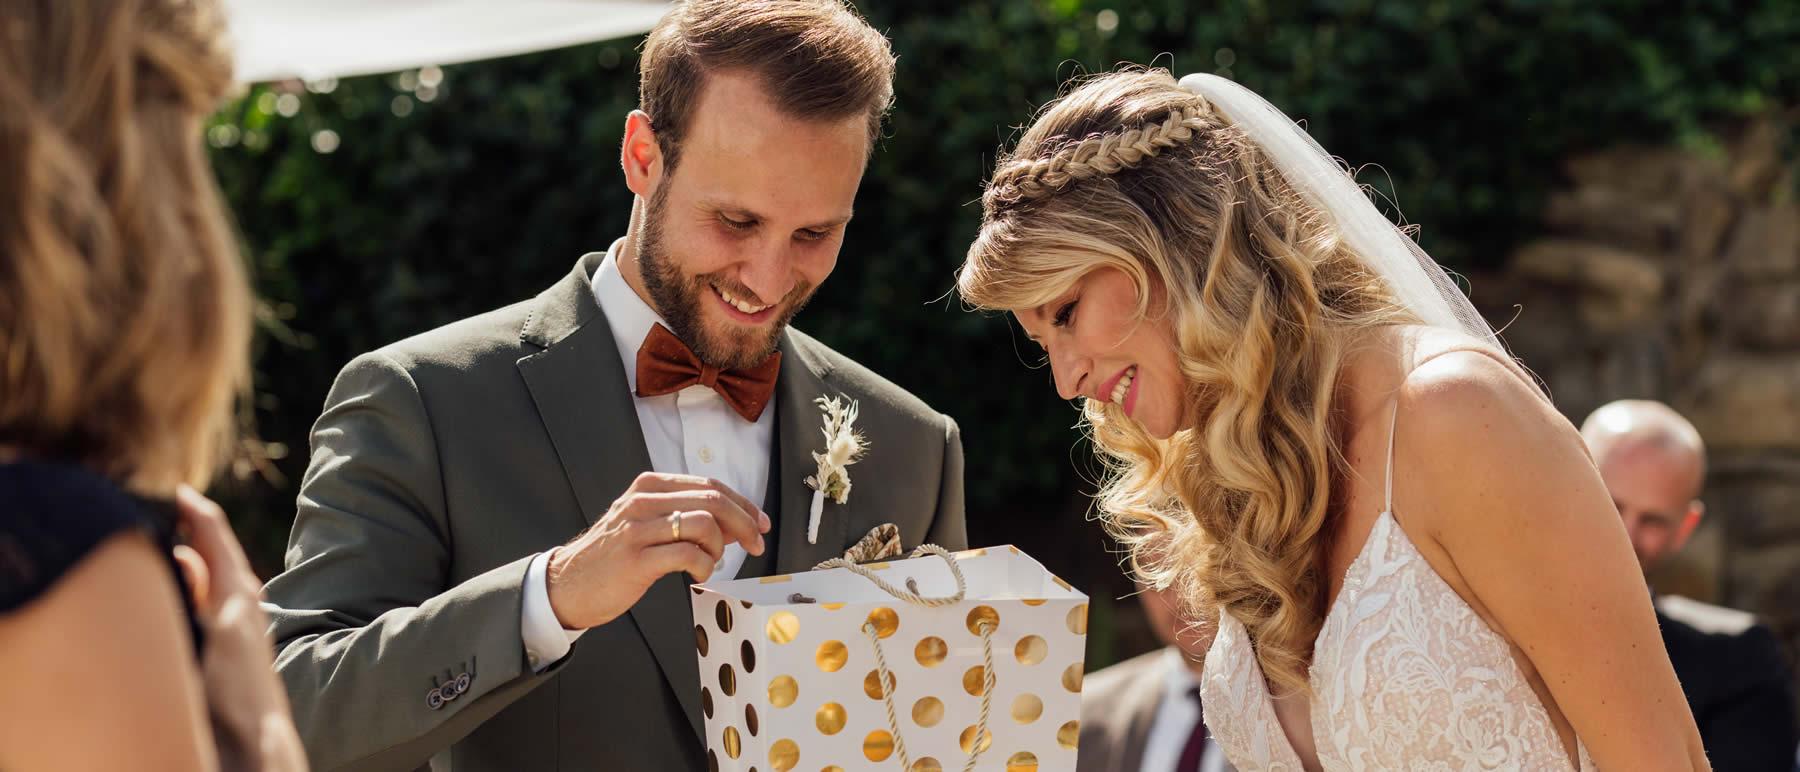 Freie Traurednerin Verena Schöpfer mit Brautpaar und Geschenk.